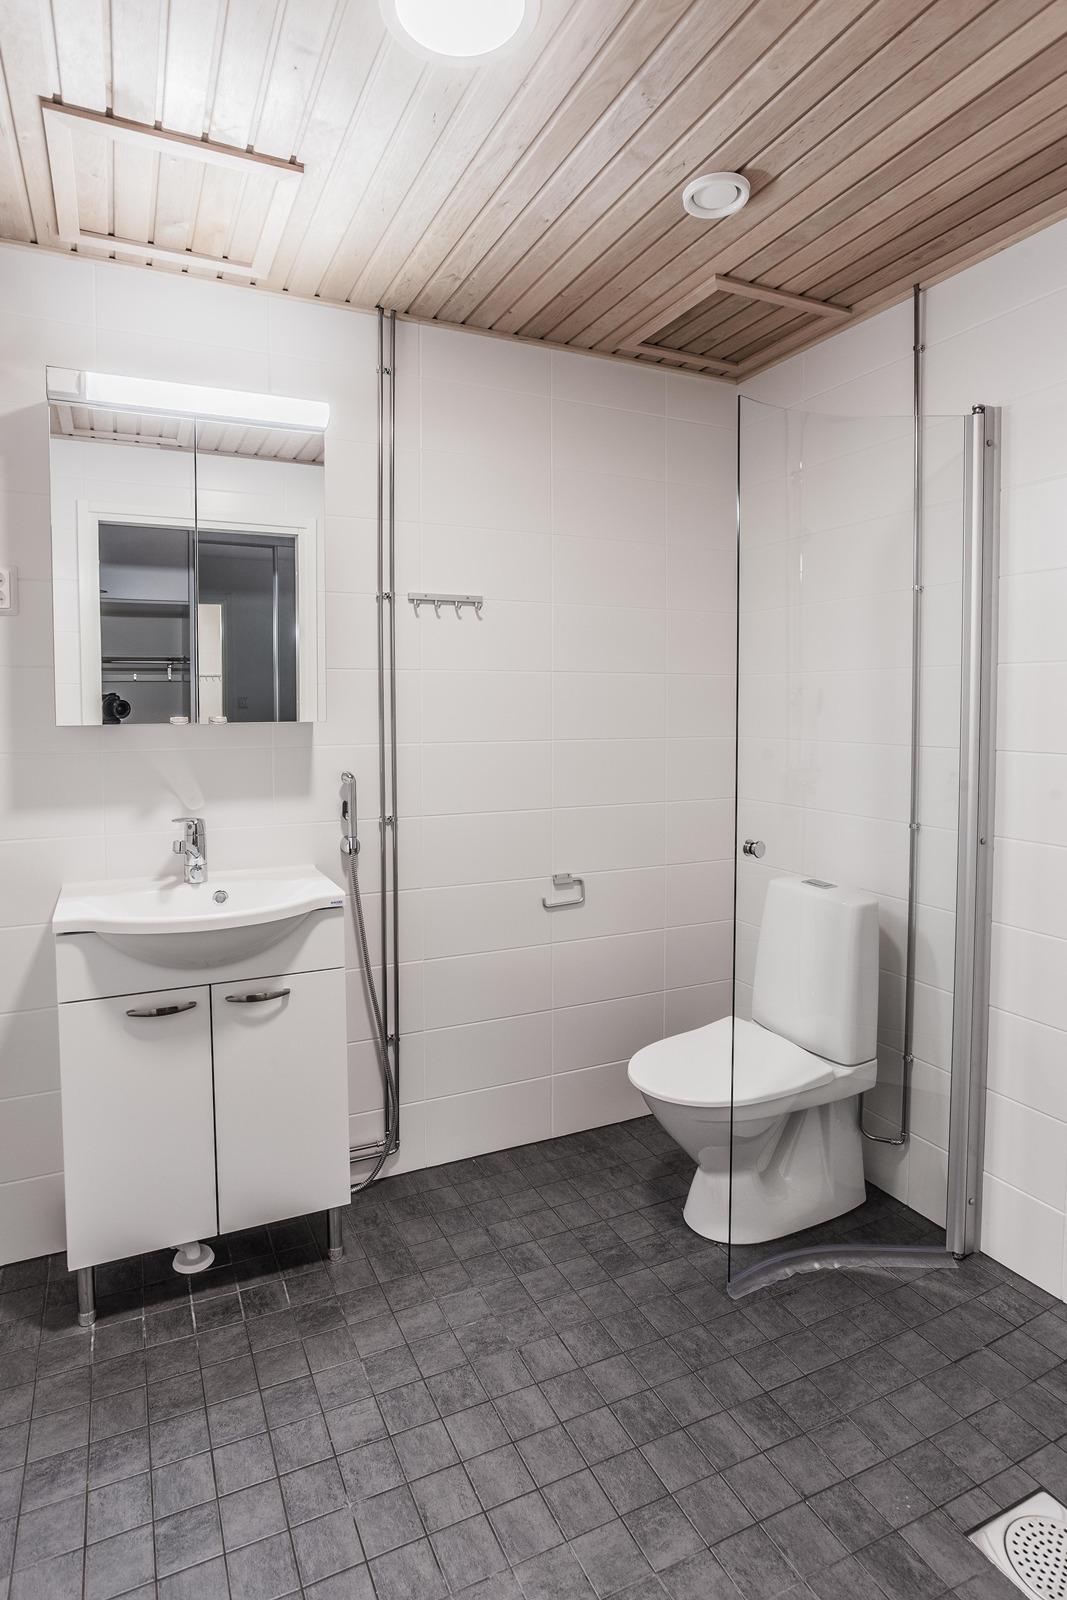 Kuva saman kokoisesta asunnosta A30